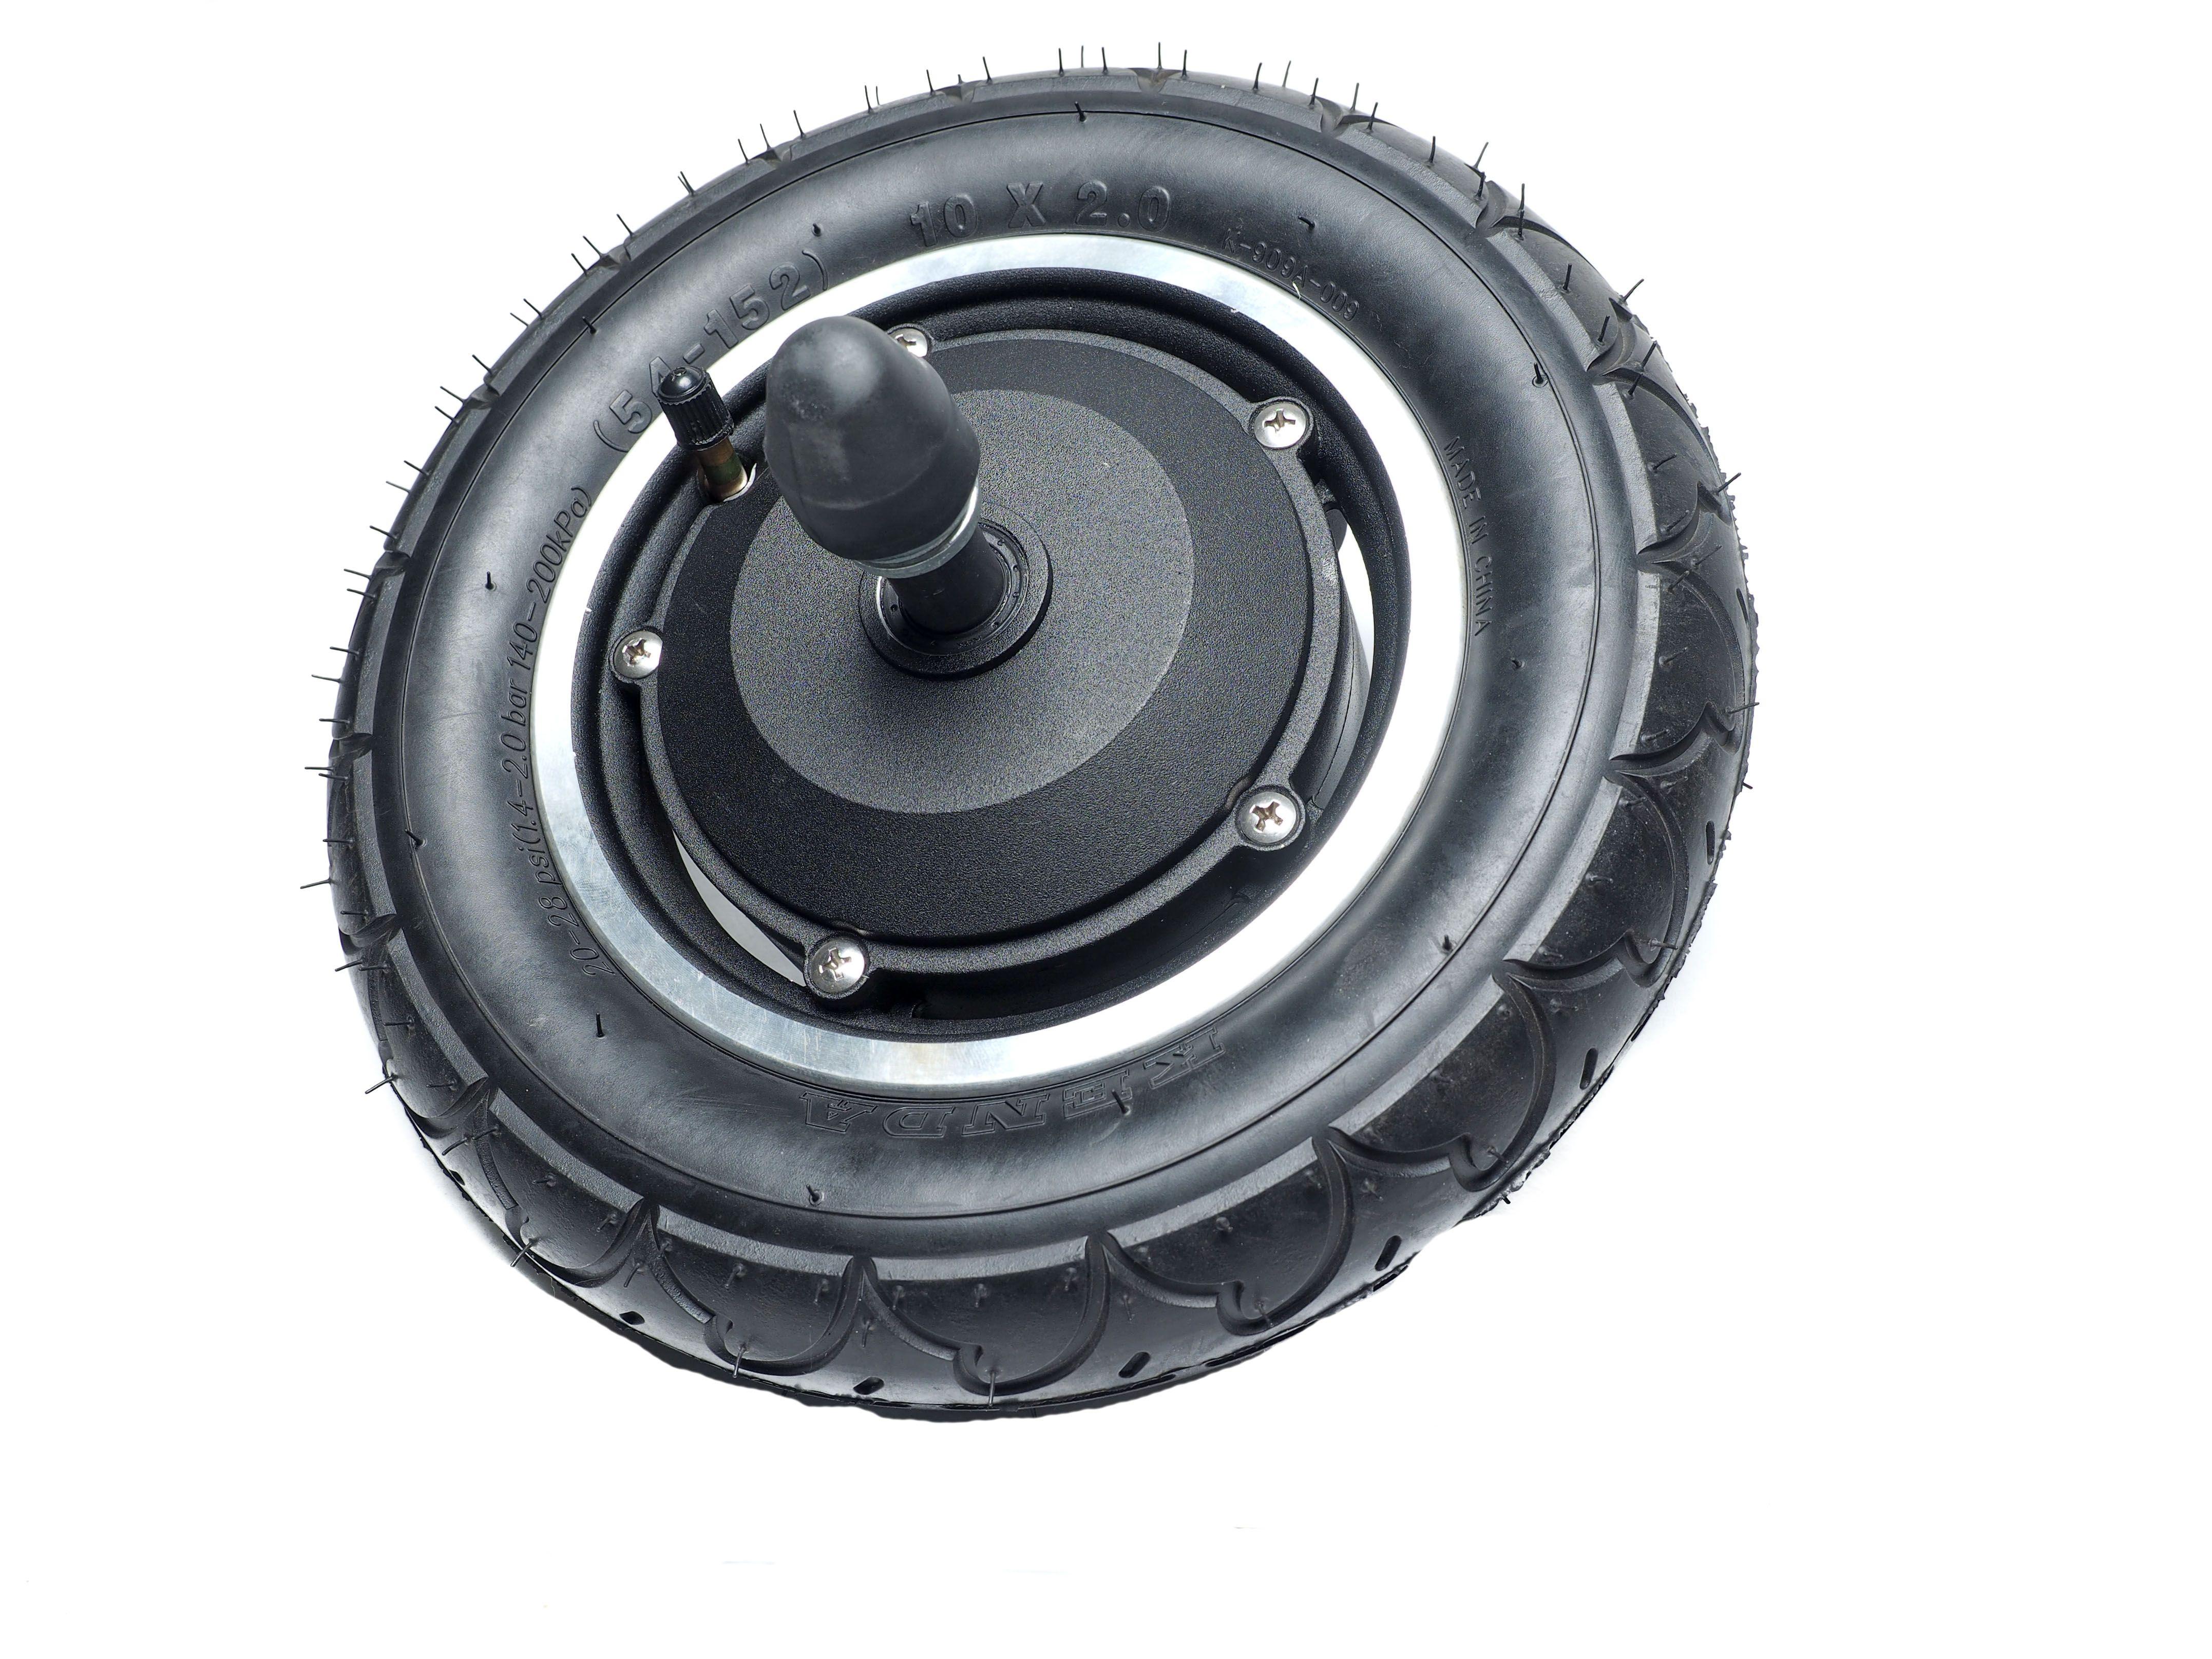 moteur roue motrice 10 trottinette lectrique 24v 36v 48v 500w 750w. Black Bedroom Furniture Sets. Home Design Ideas